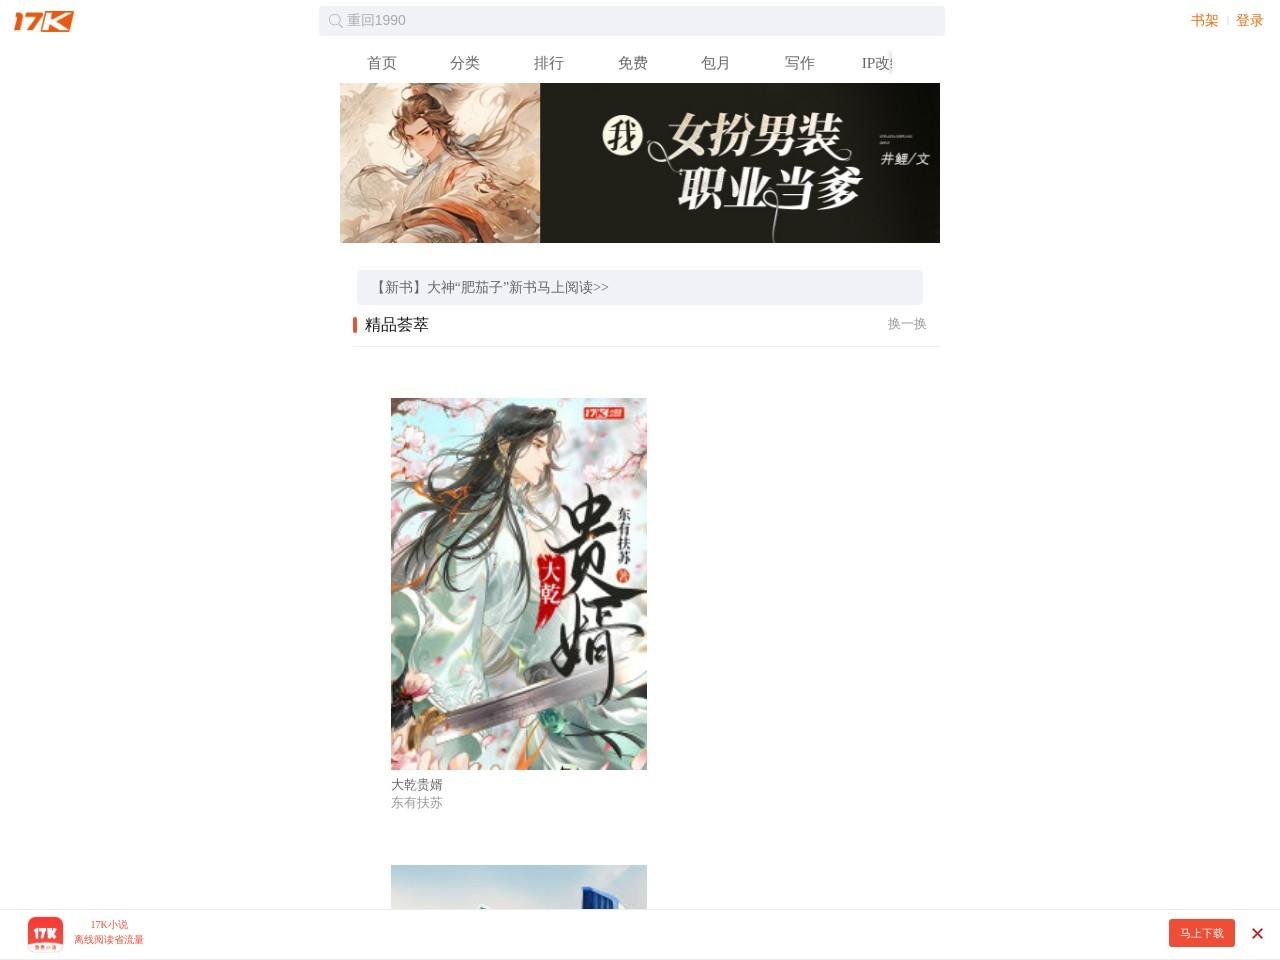 小说_17K小说网|最新小说下载-17K小说网